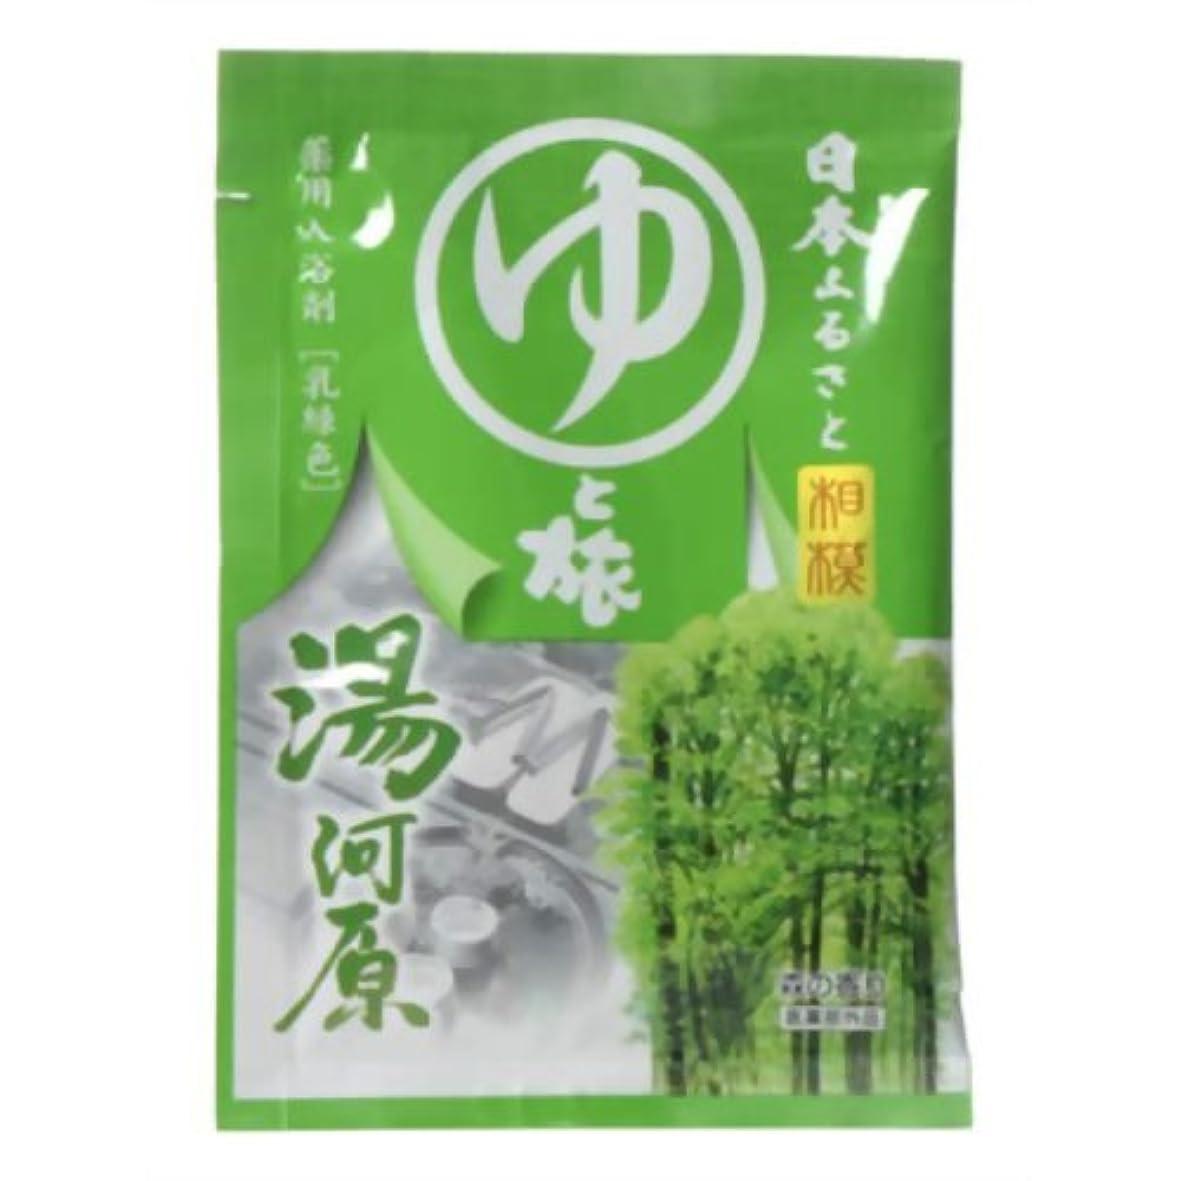 逆重なる利用可能ヤマサキの入浴剤シリーズ 湯河原(入浴剤)